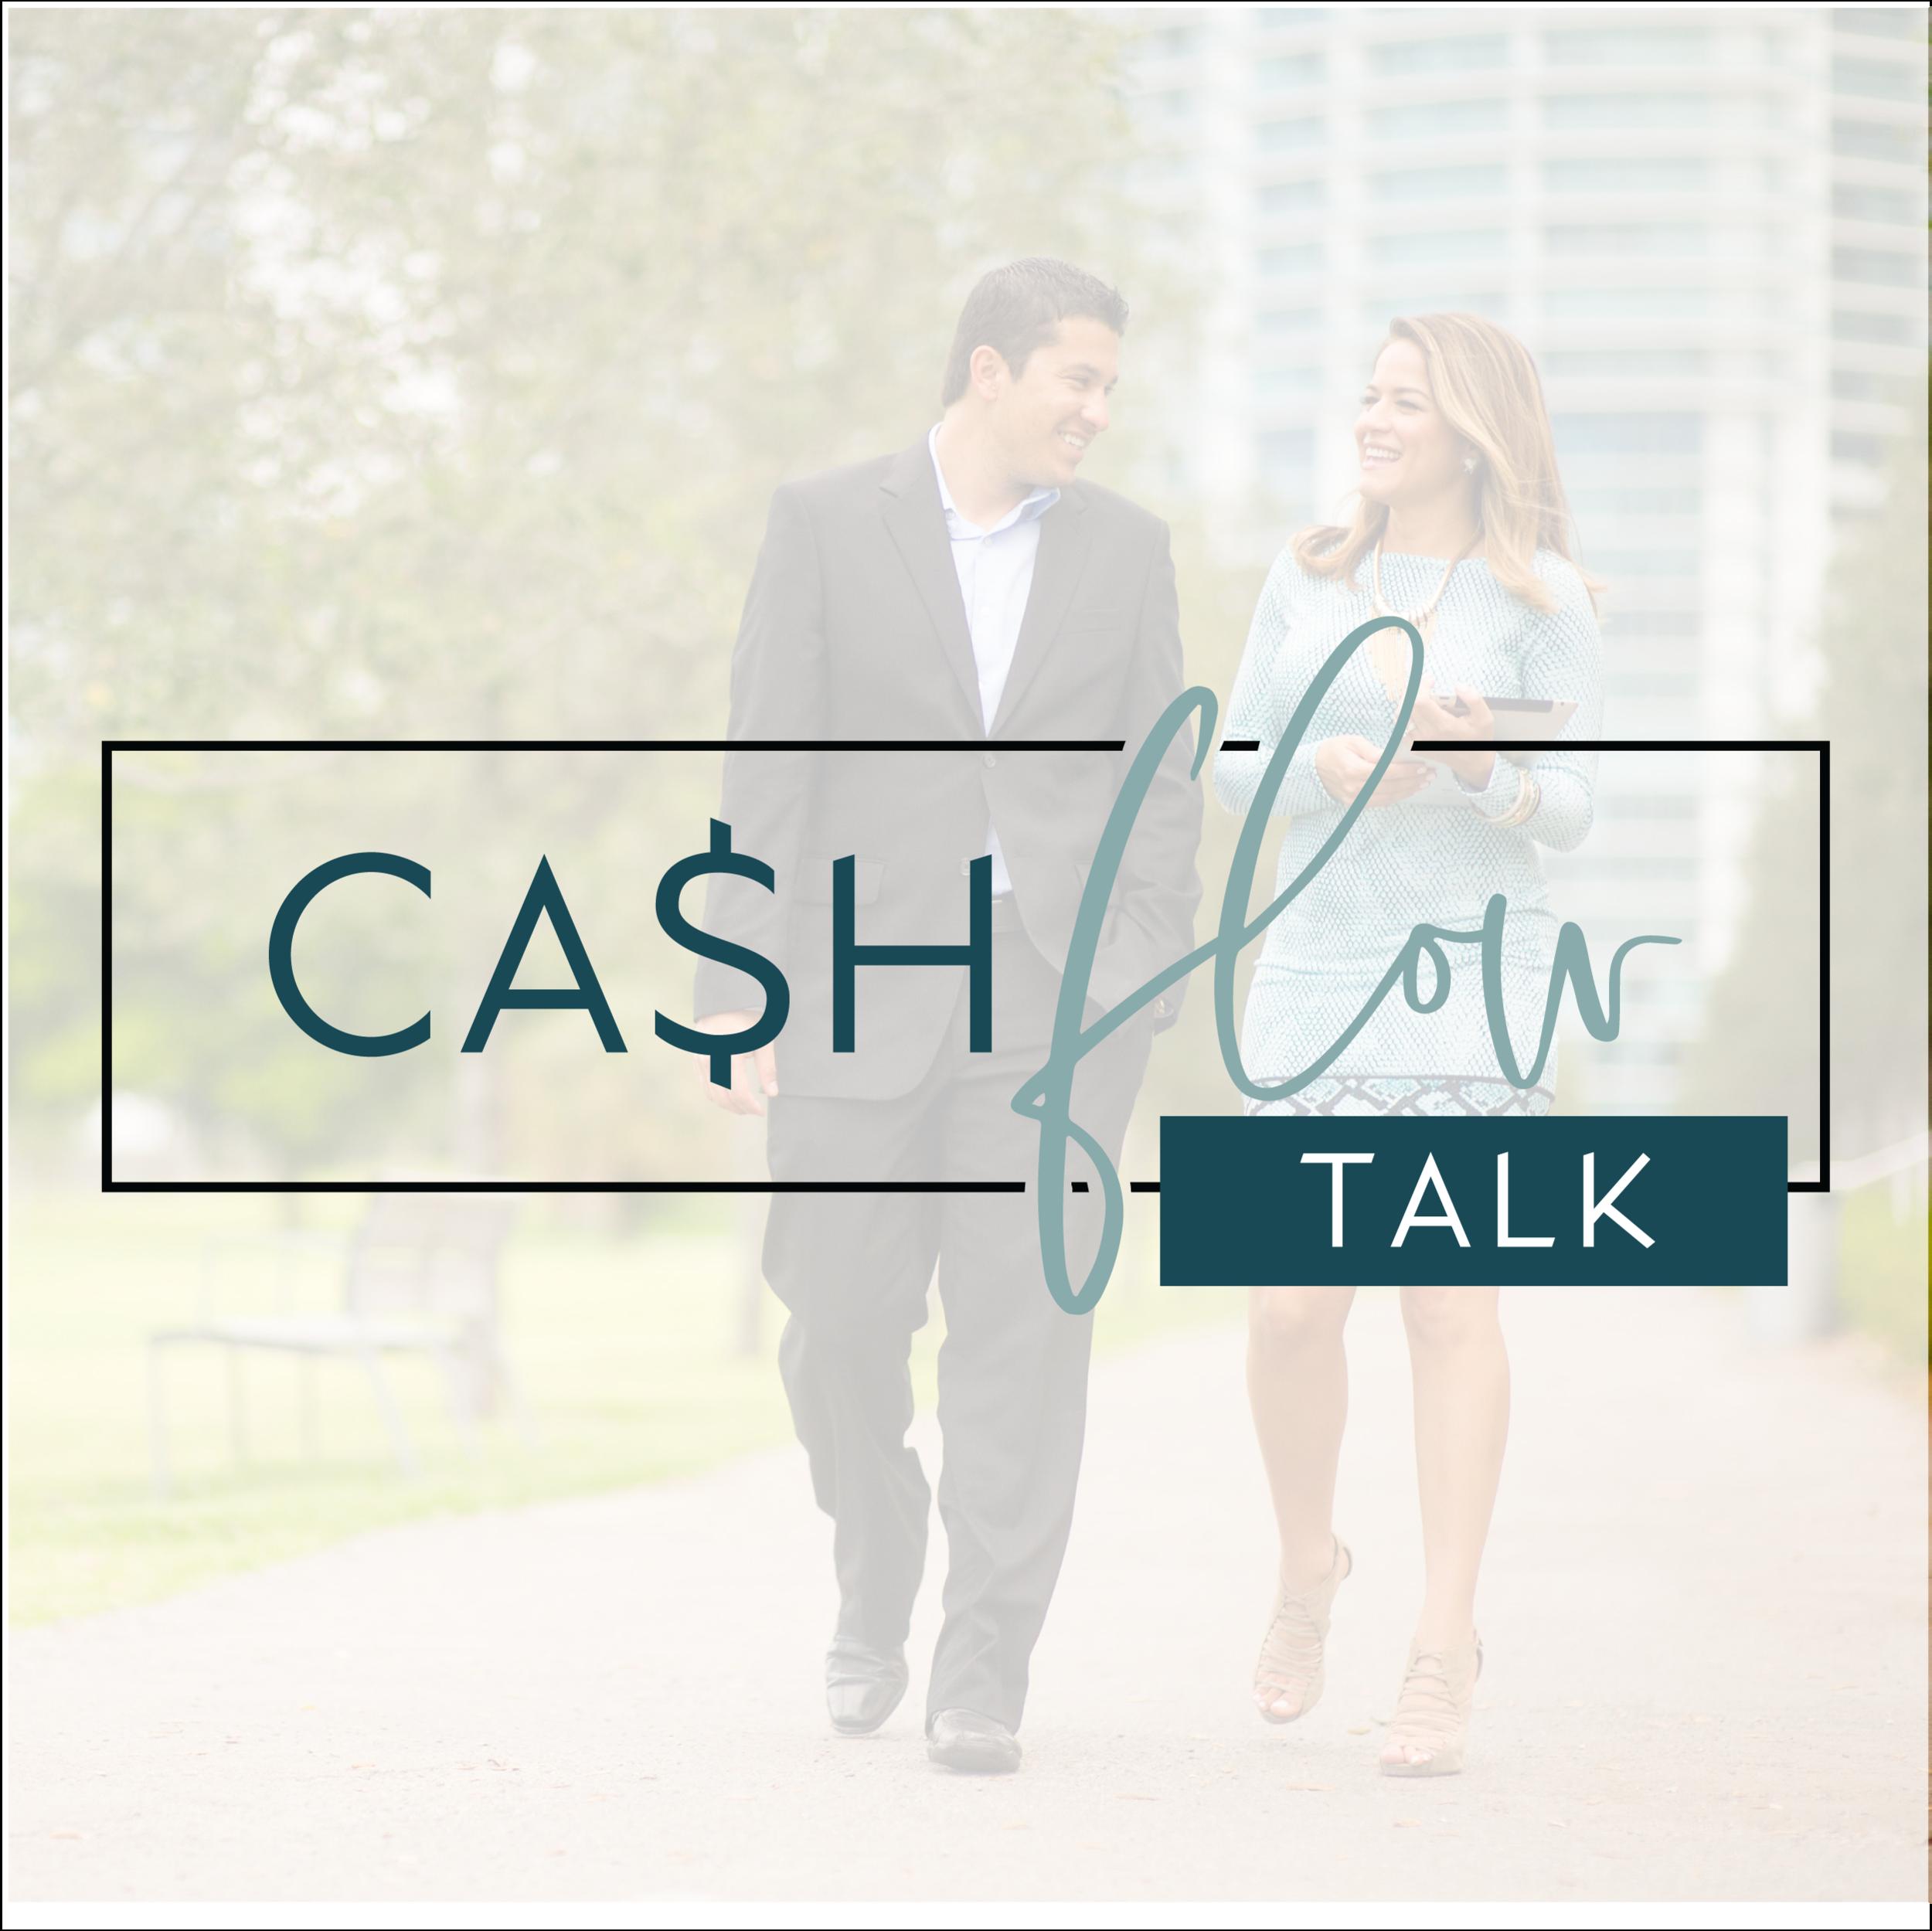 Portfolio-cash flow talk_Cash Flow Talk.png